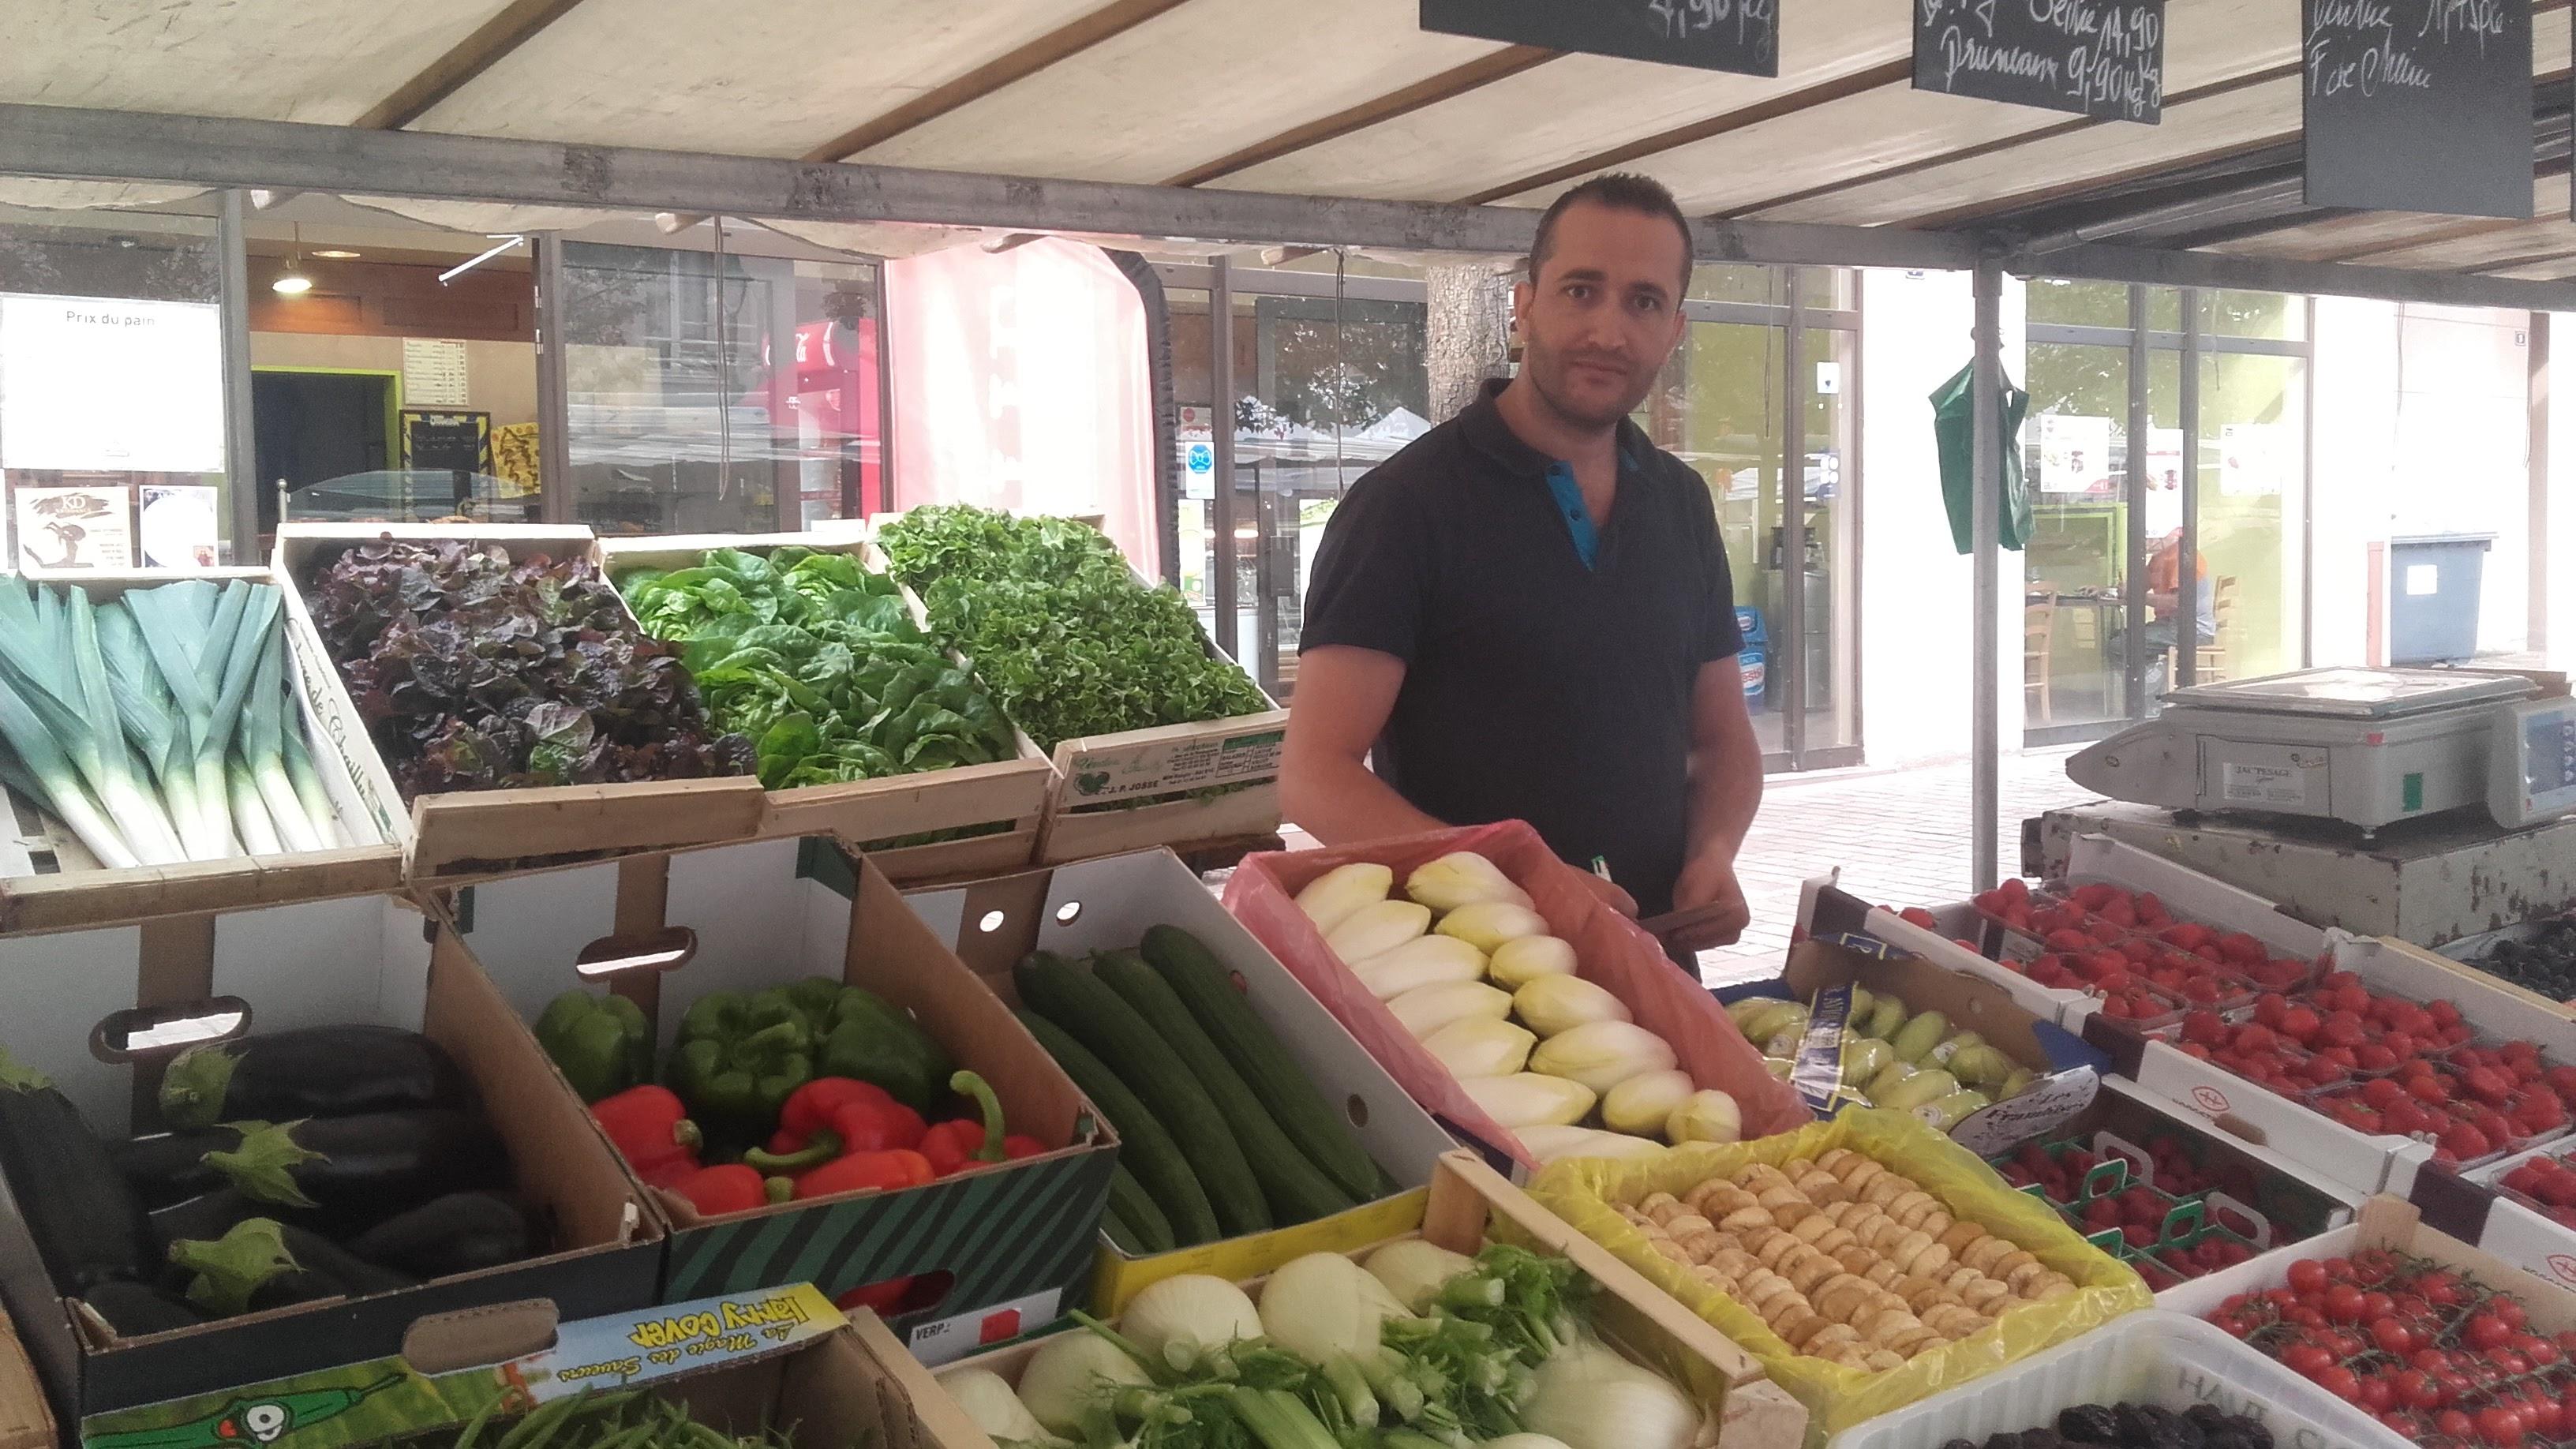 Les Vergers de l'Oise – Fruits & Légumes – Marché de Vernouillet place Charles de Gaulle